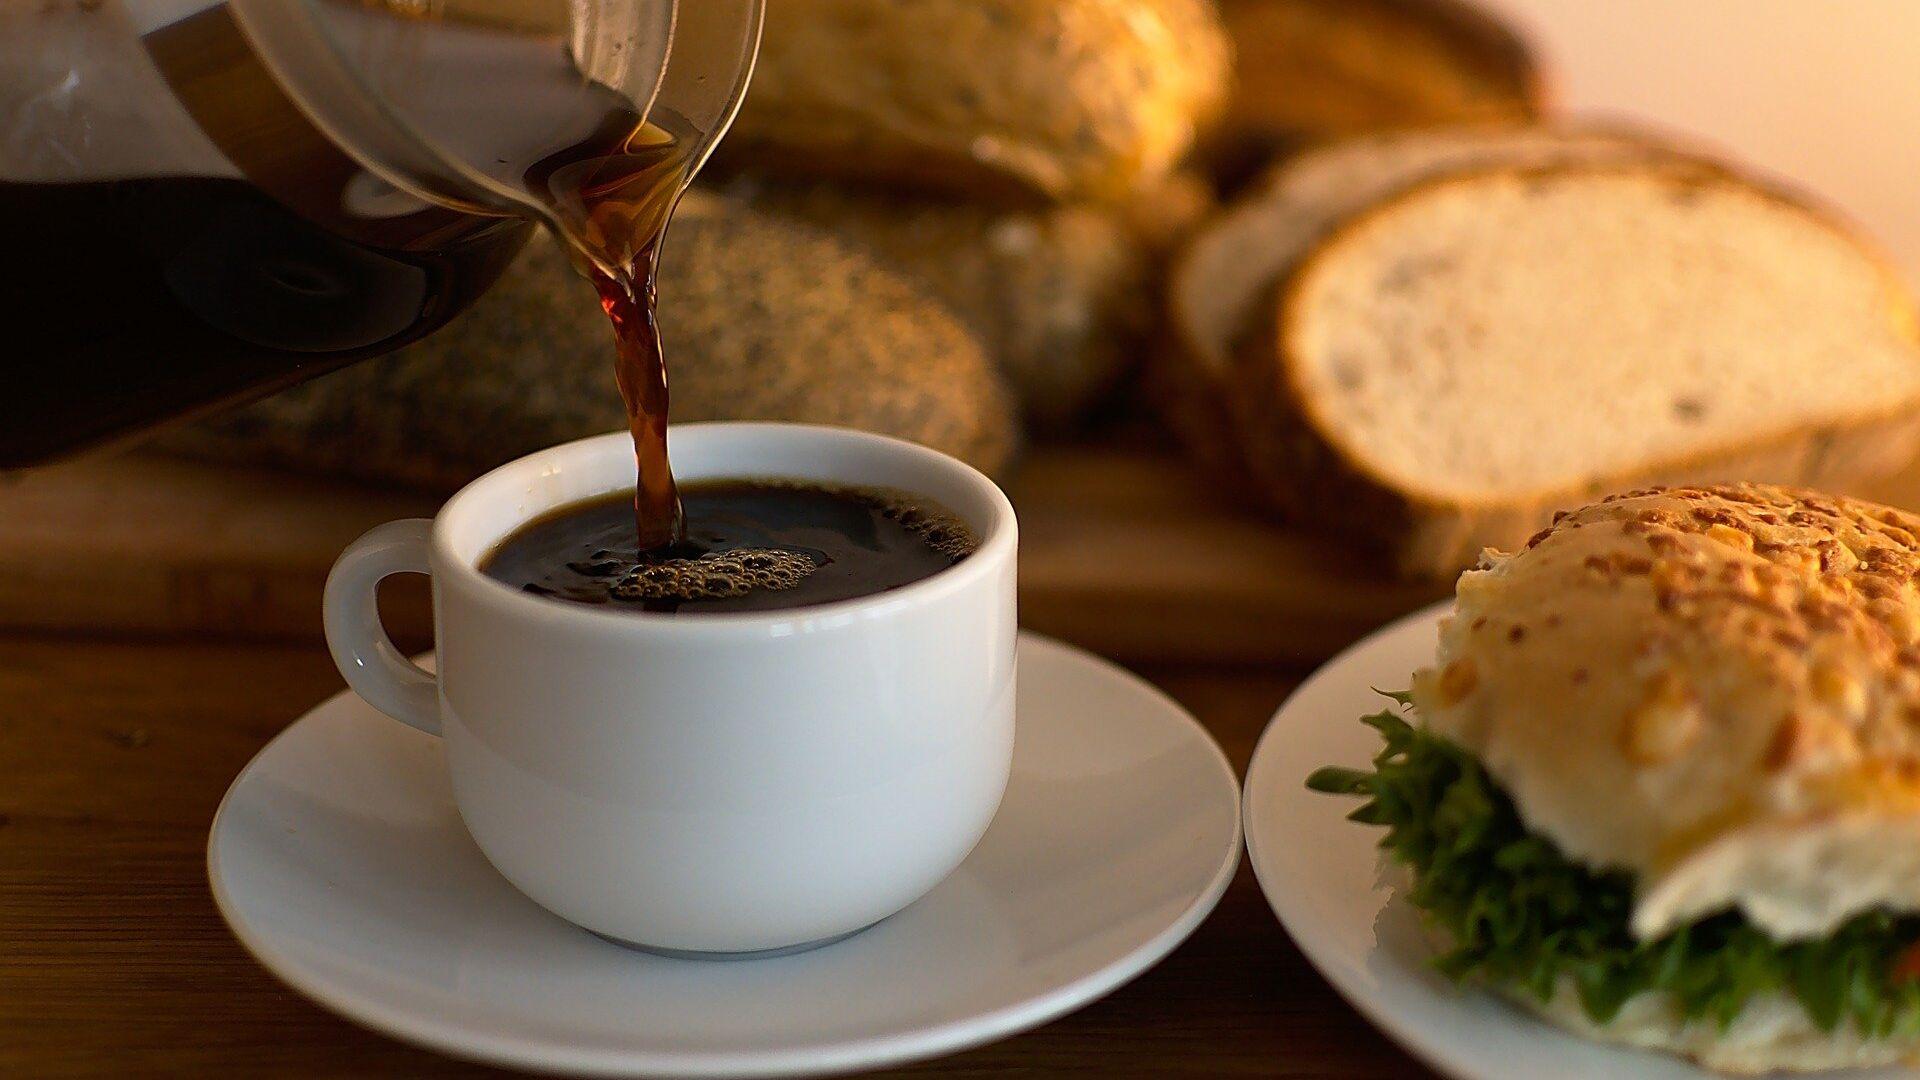 Café y pan al desayuno - Sputnik Mundo, 1920, 12.04.2021